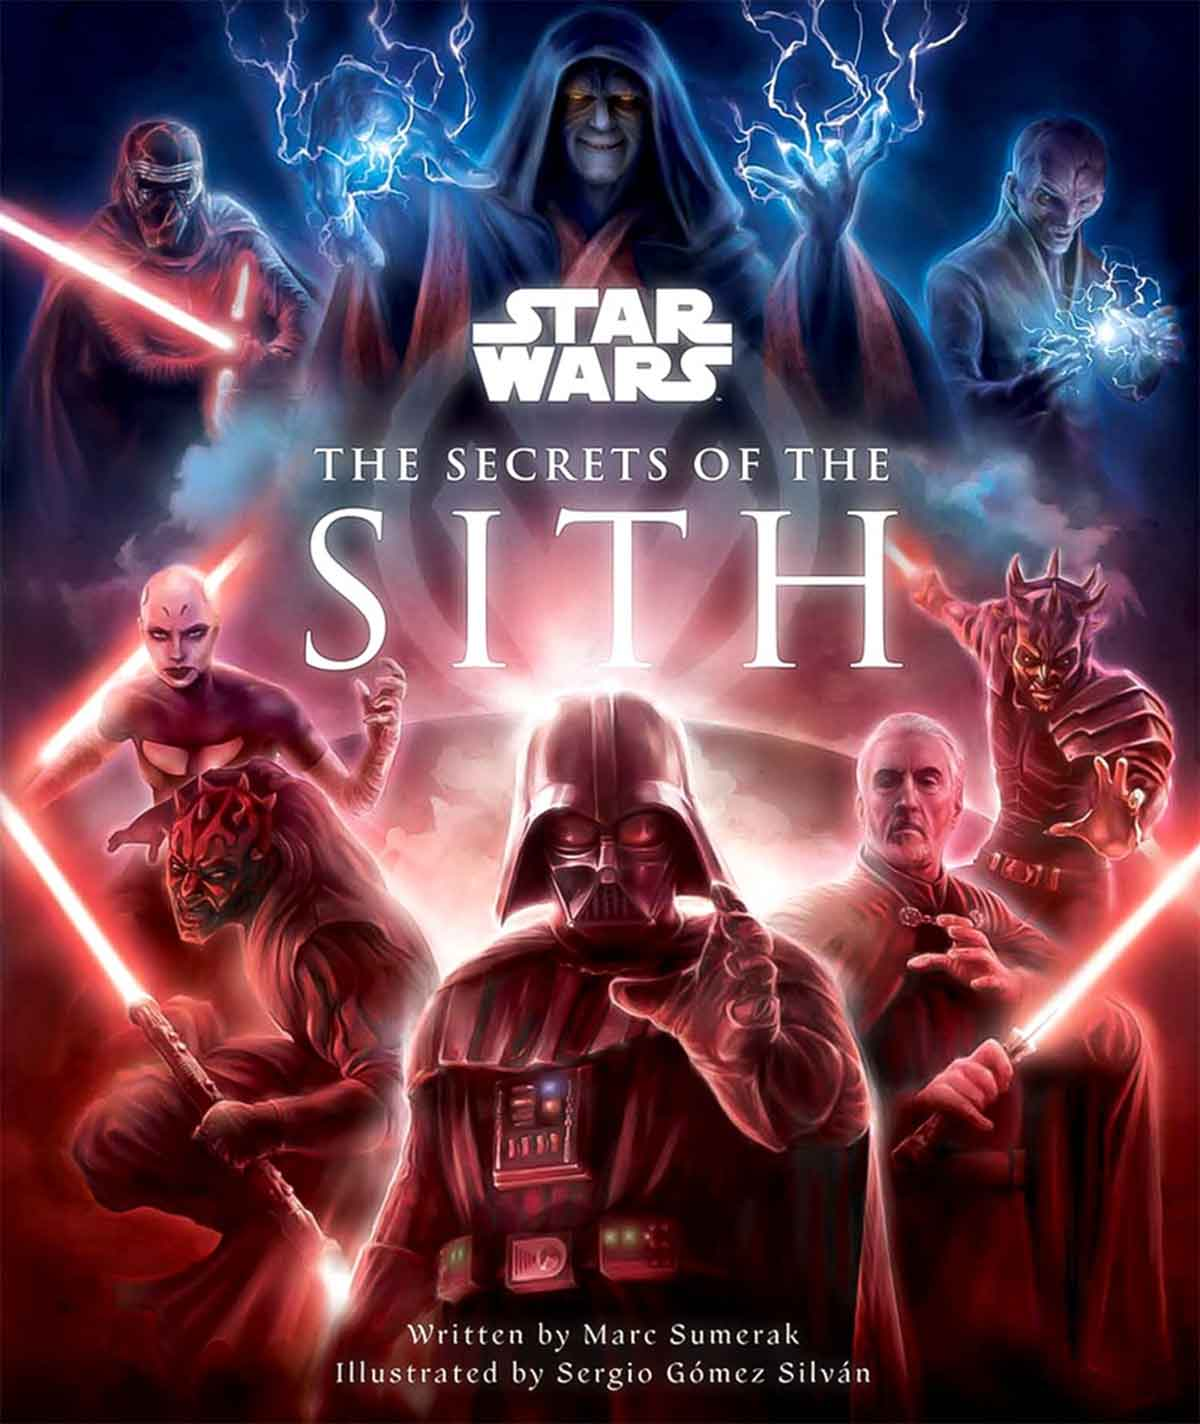 Star Wars revelará los secretos de los Sith